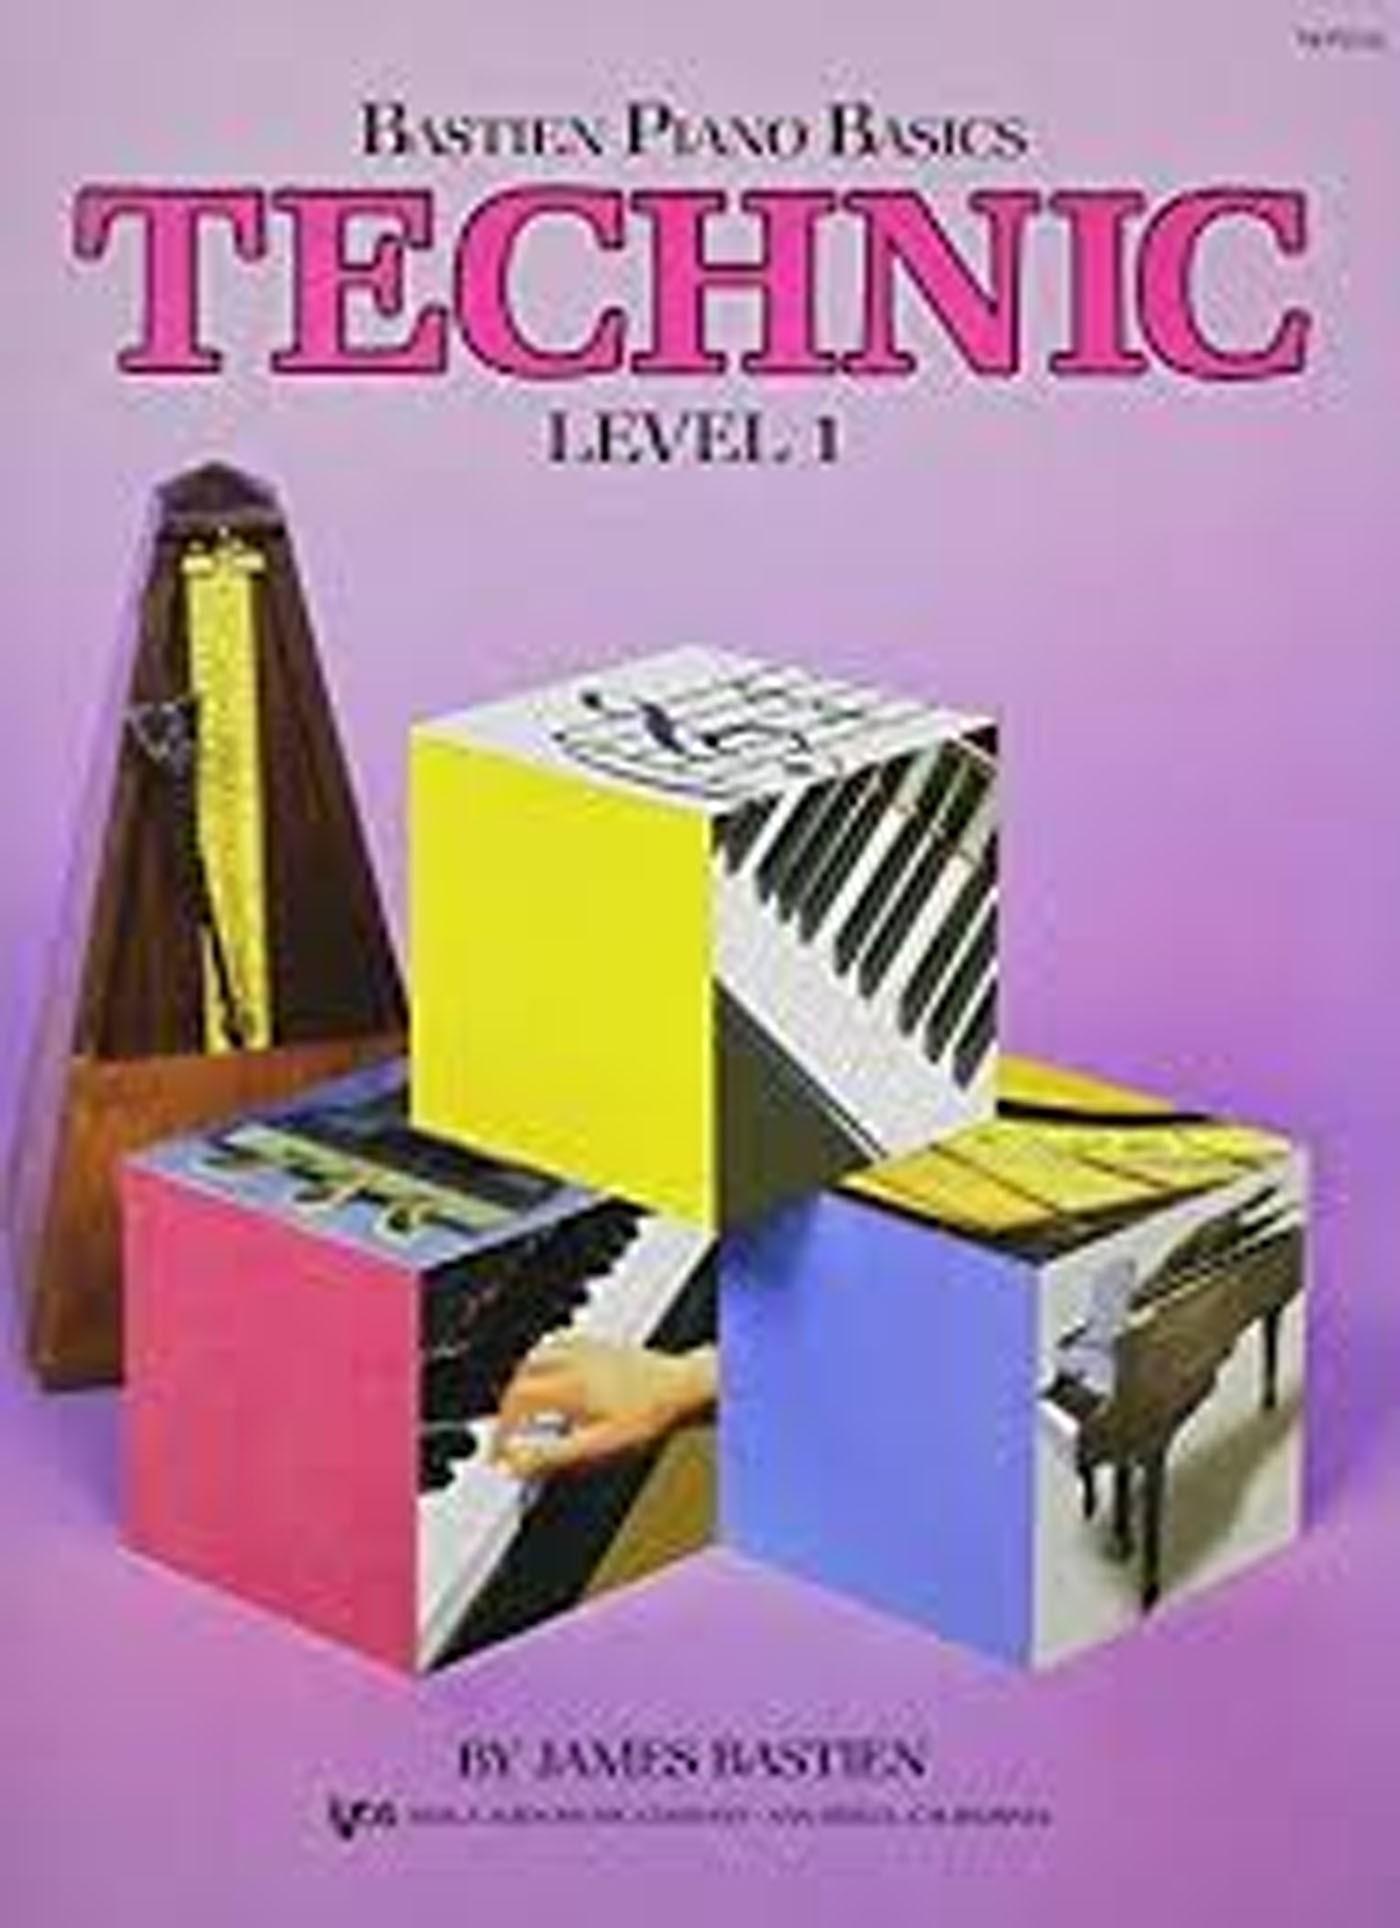 Bastien Piano Basics Technic Level I WP216 Book S141